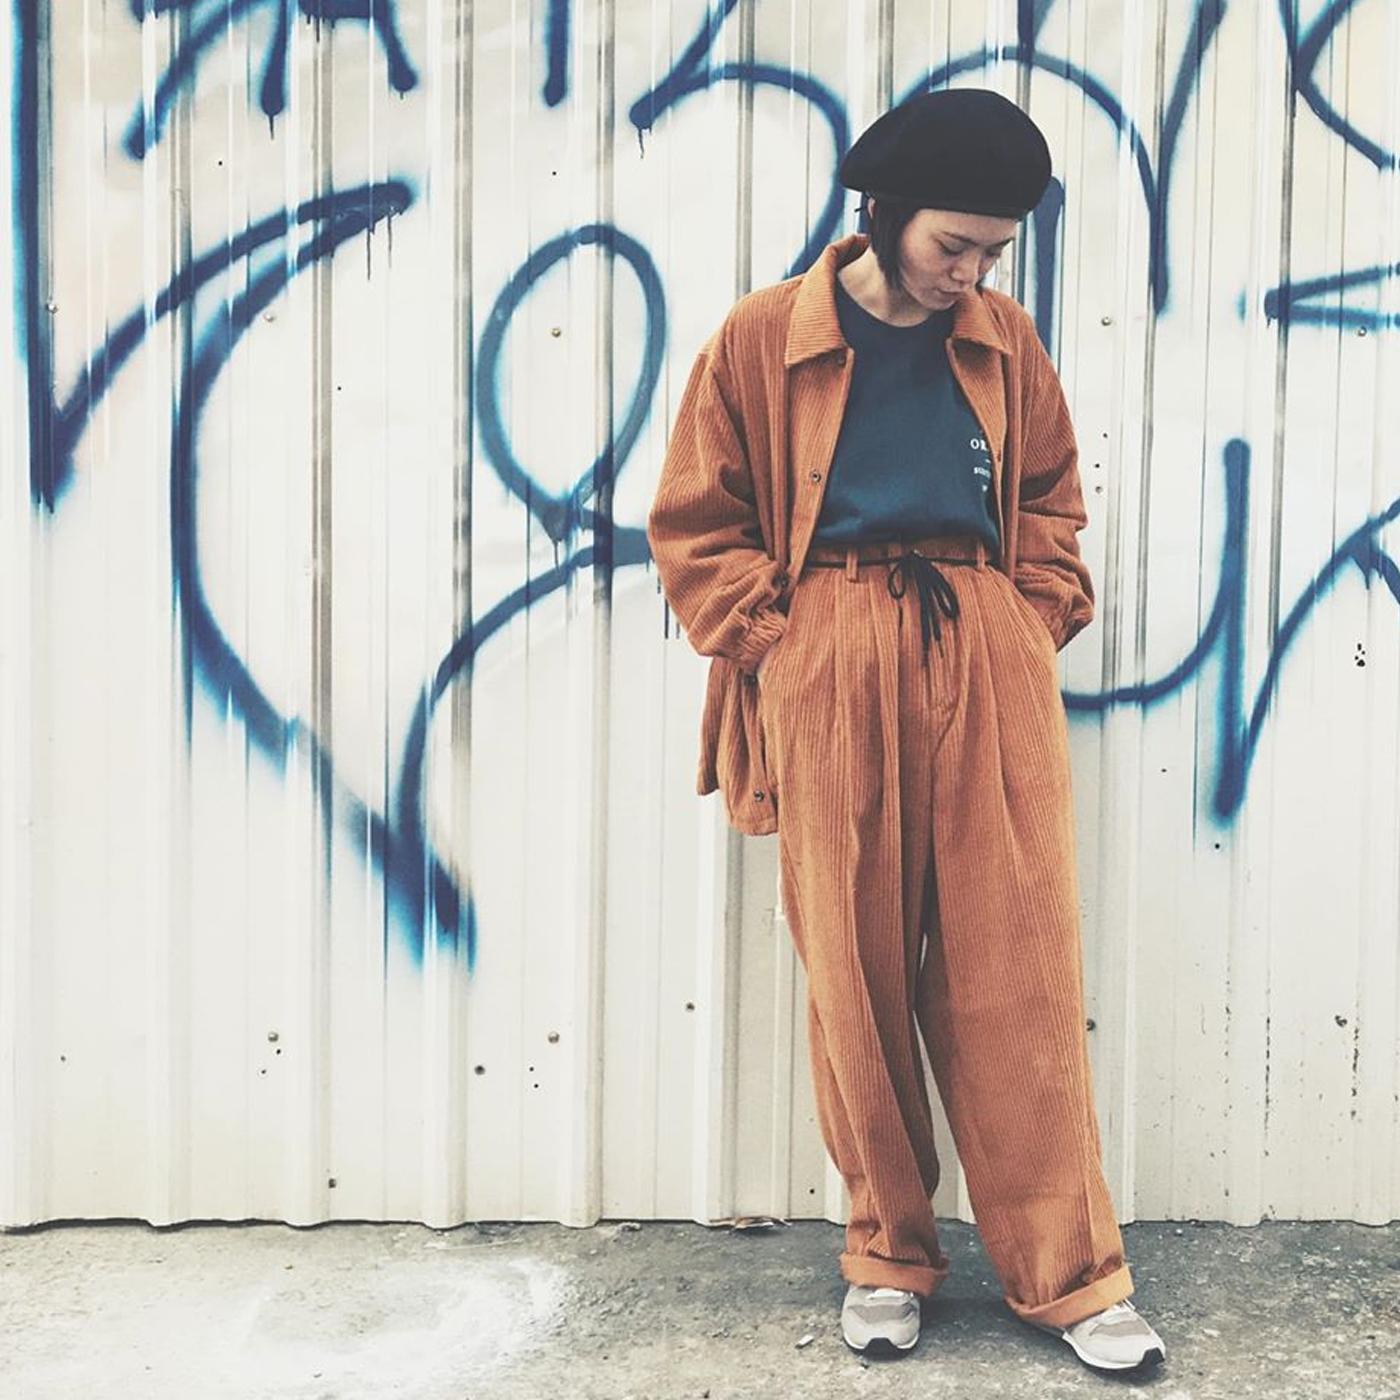 秋冬褲,長褲,換季長褲,穿搭單品,吊帶褲,格紋褲,牛仔褲,軍褲,燈芯絨長褲,寬褲,棉褲